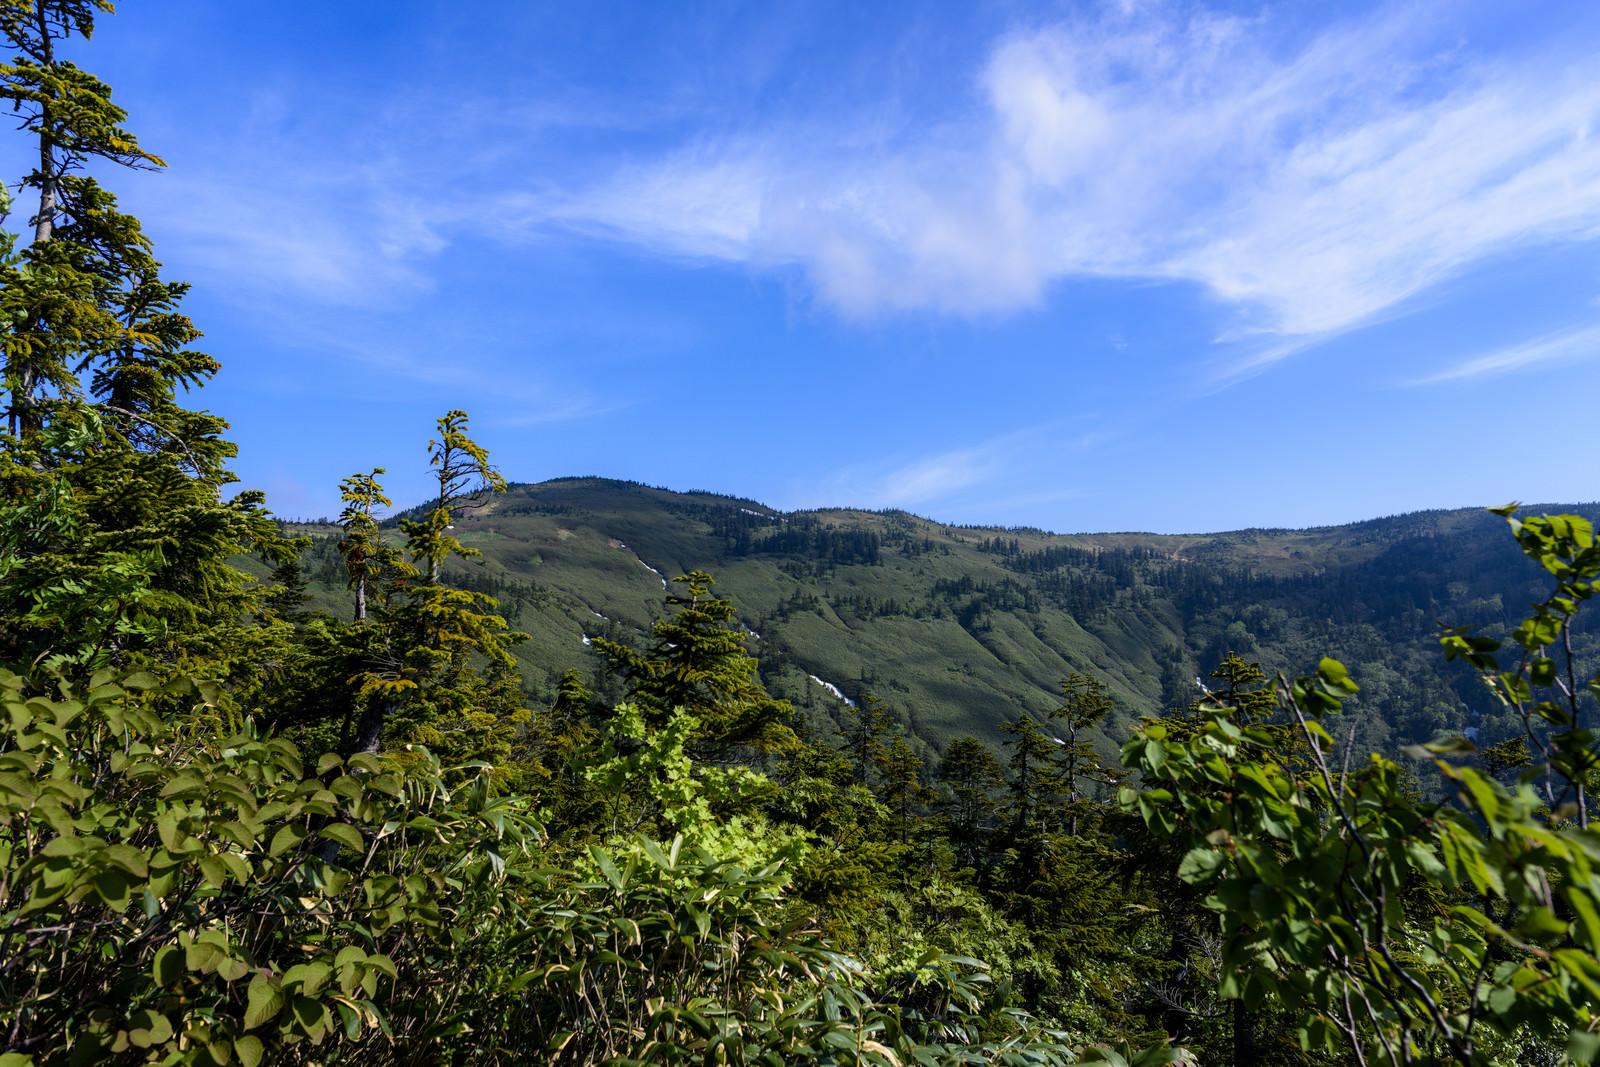 「登山道から見上げる会津駒ヶ岳の山並み」の写真